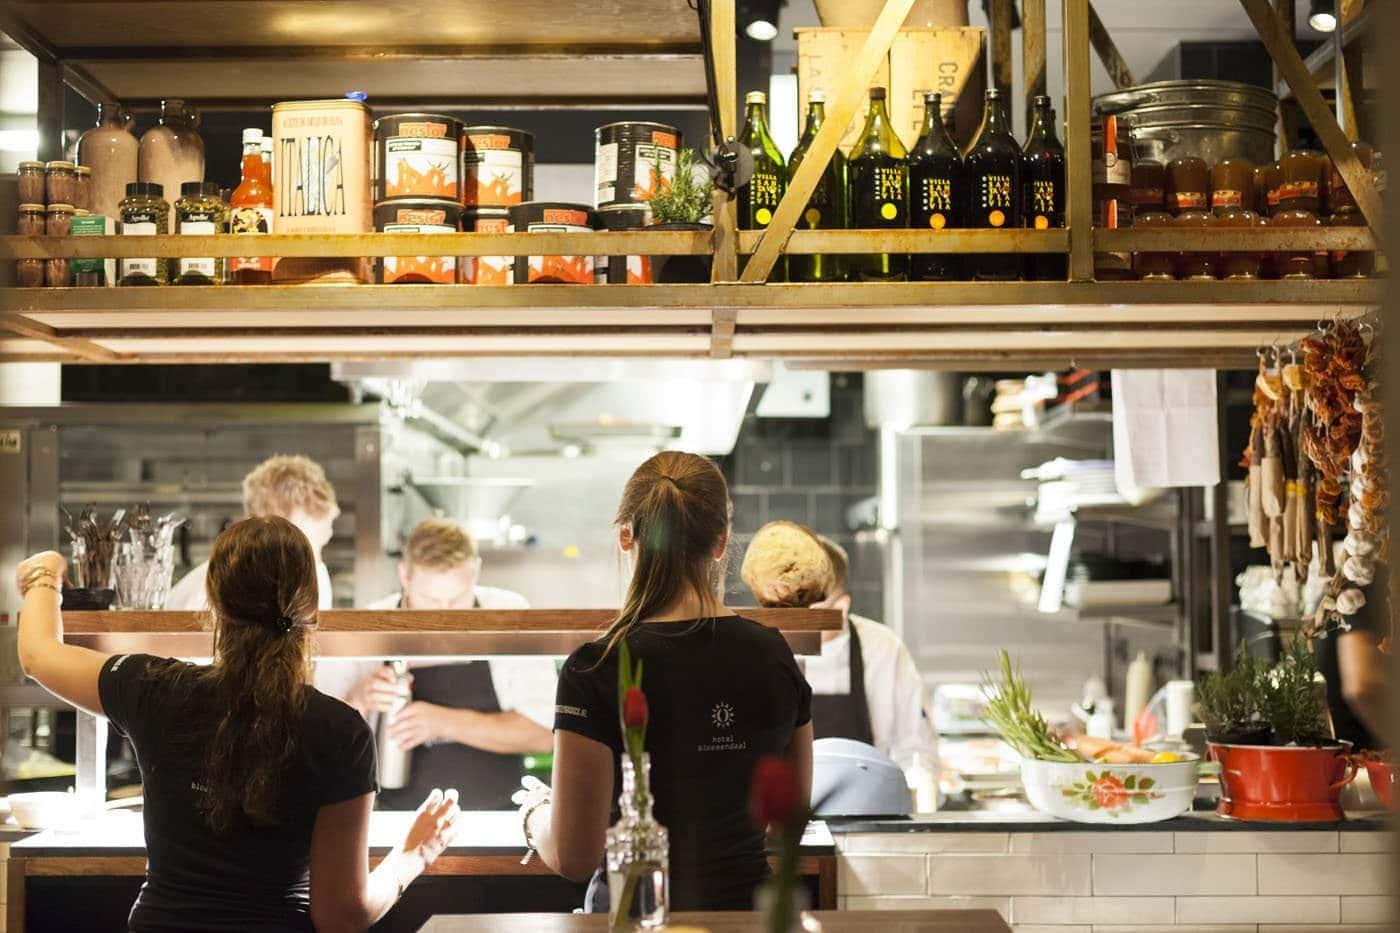 Rusthoek Bar & Grill Restaurant Cafe Bloemendaal Bedrijfsreportage